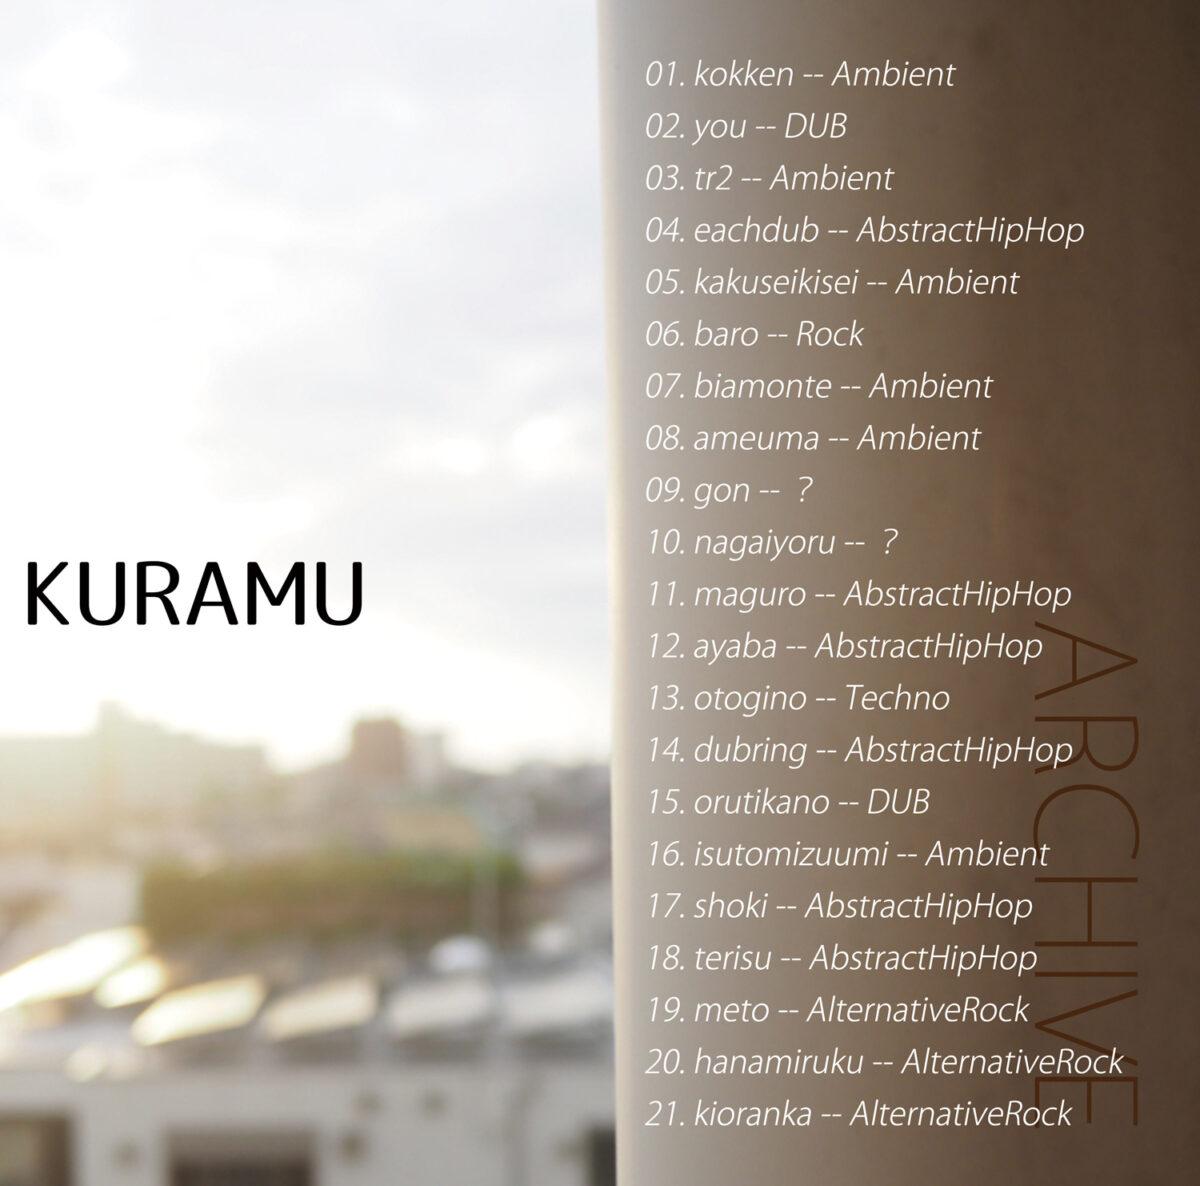 kuramu 1st